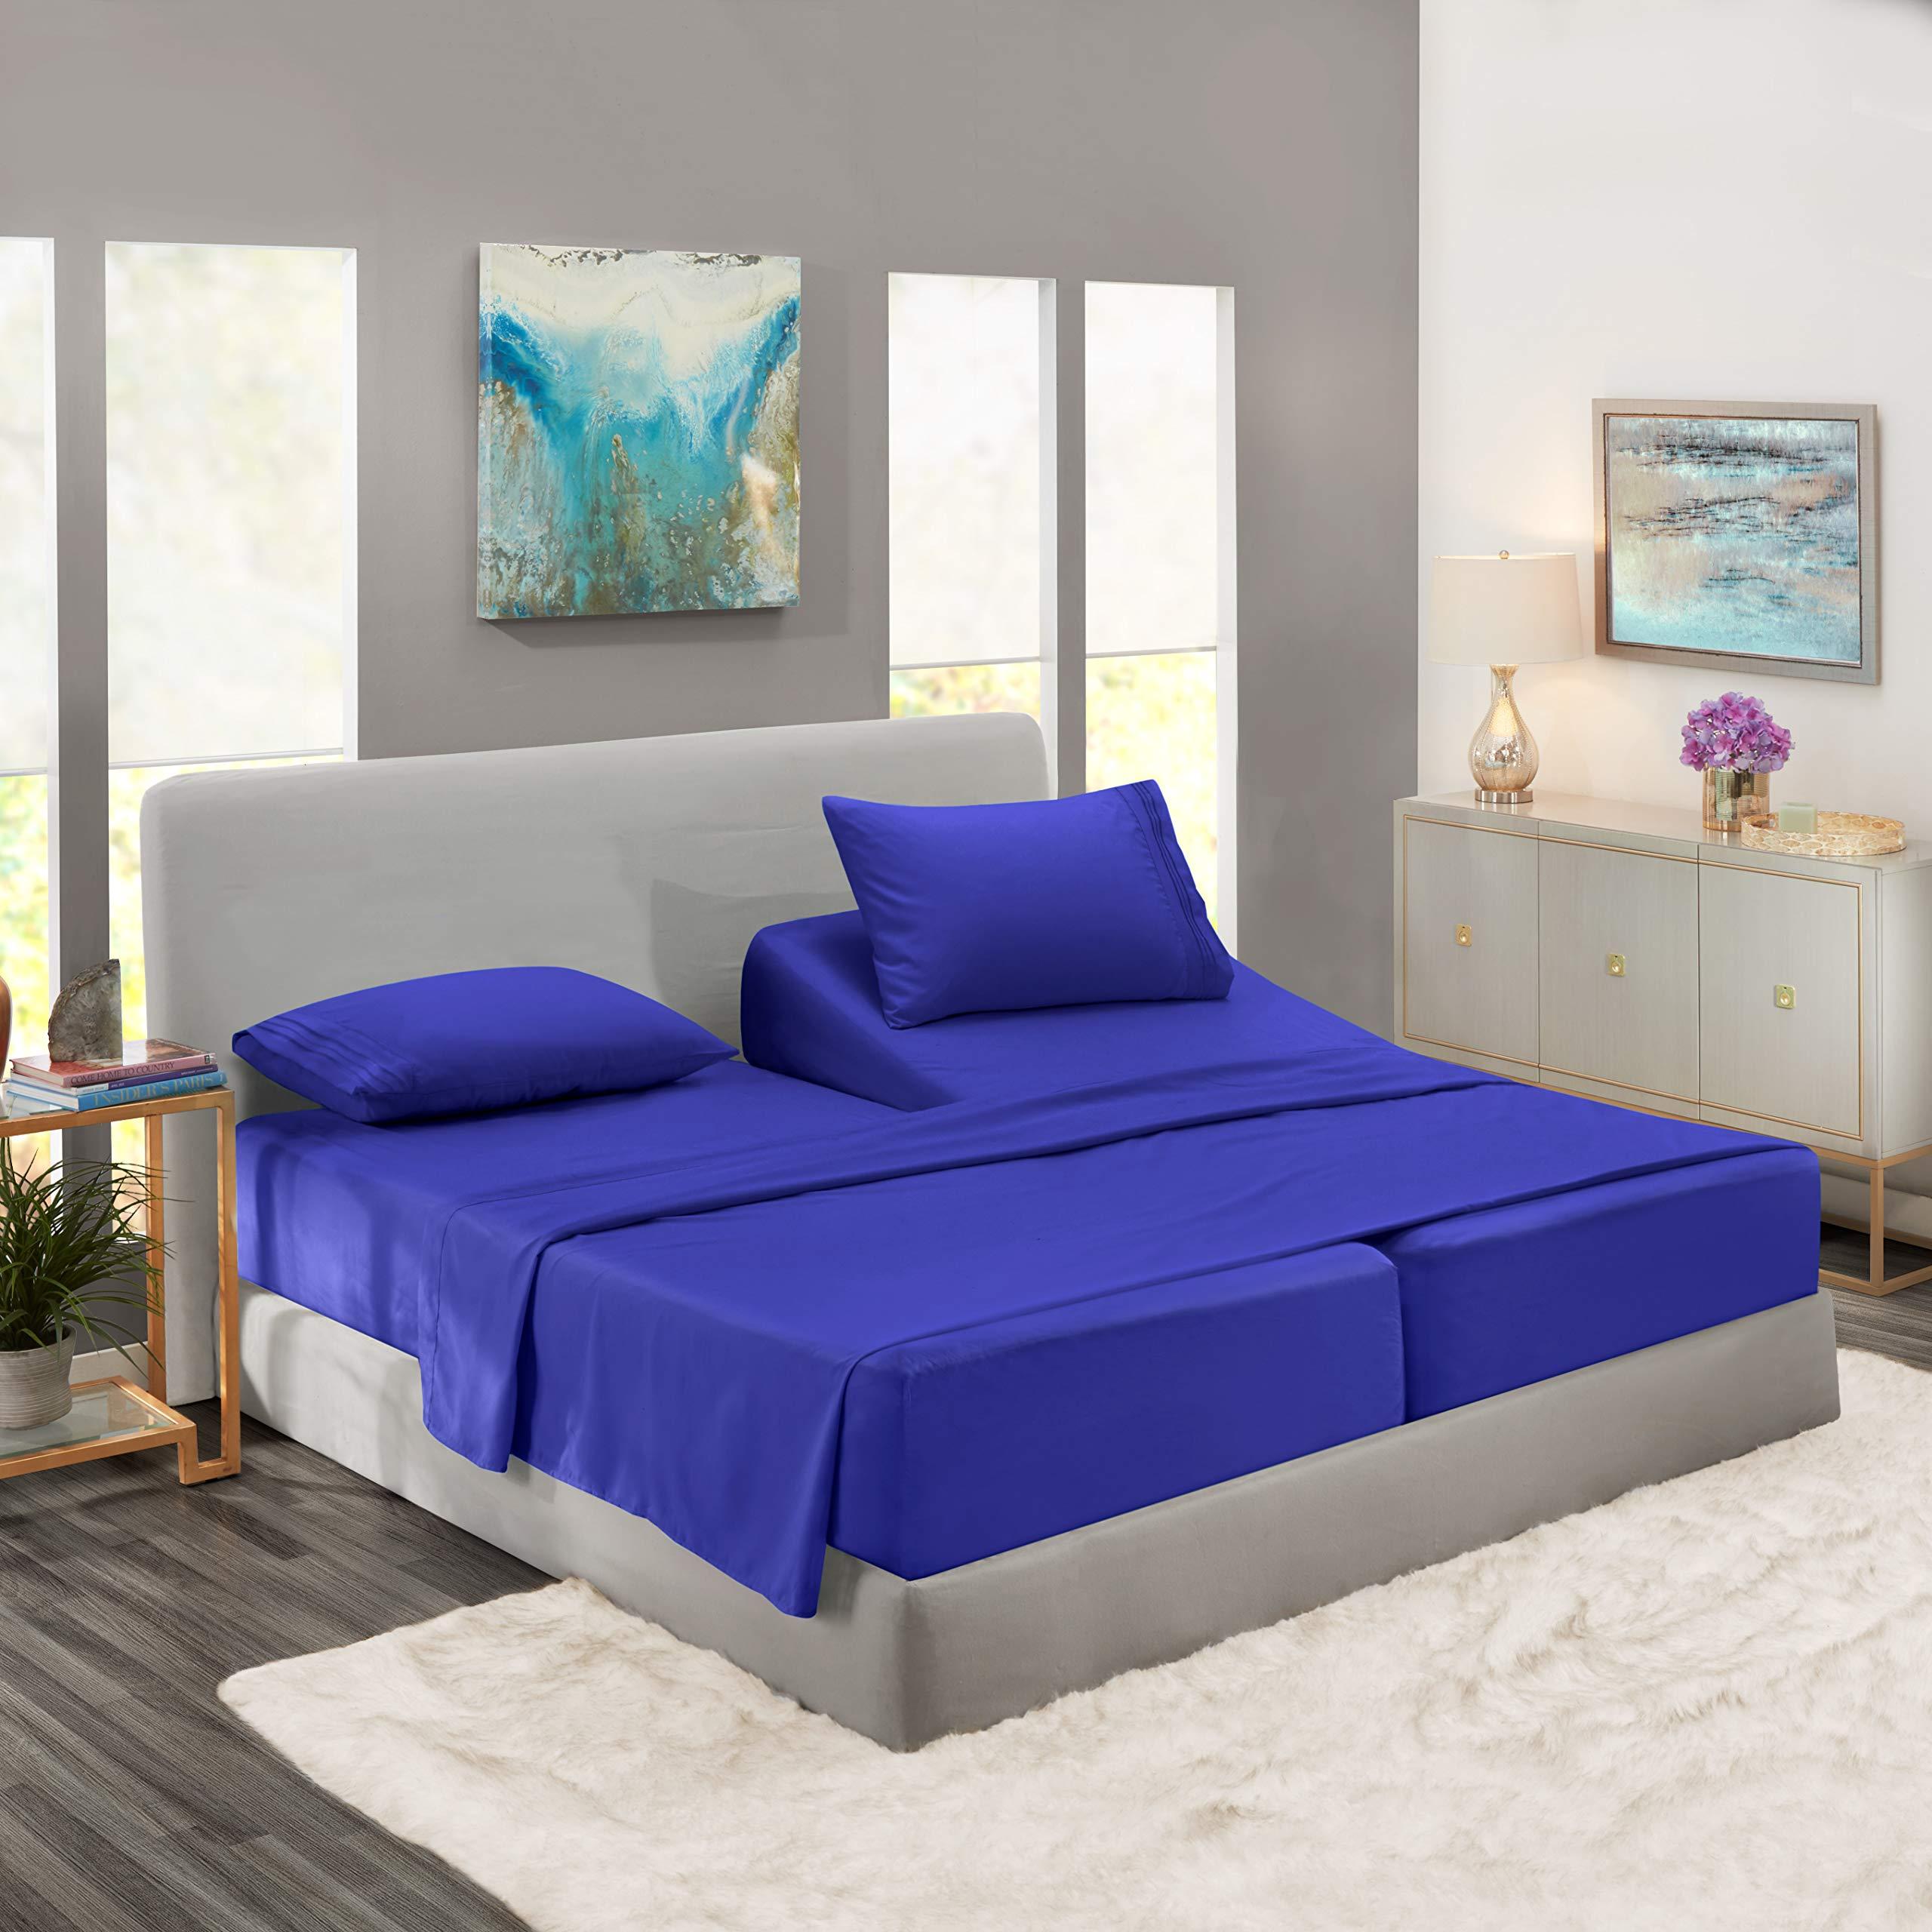 Nestl Bedding 5 Piece Sheet Set - 1800 Deep Pocket Bed Sheet Set - Hotel Luxury Double Brushed Microfiber Sheets - Deep Pocket Fitted Sheet, Flat Sheet, Pillow Cases, Split Cal King - Royal Blue